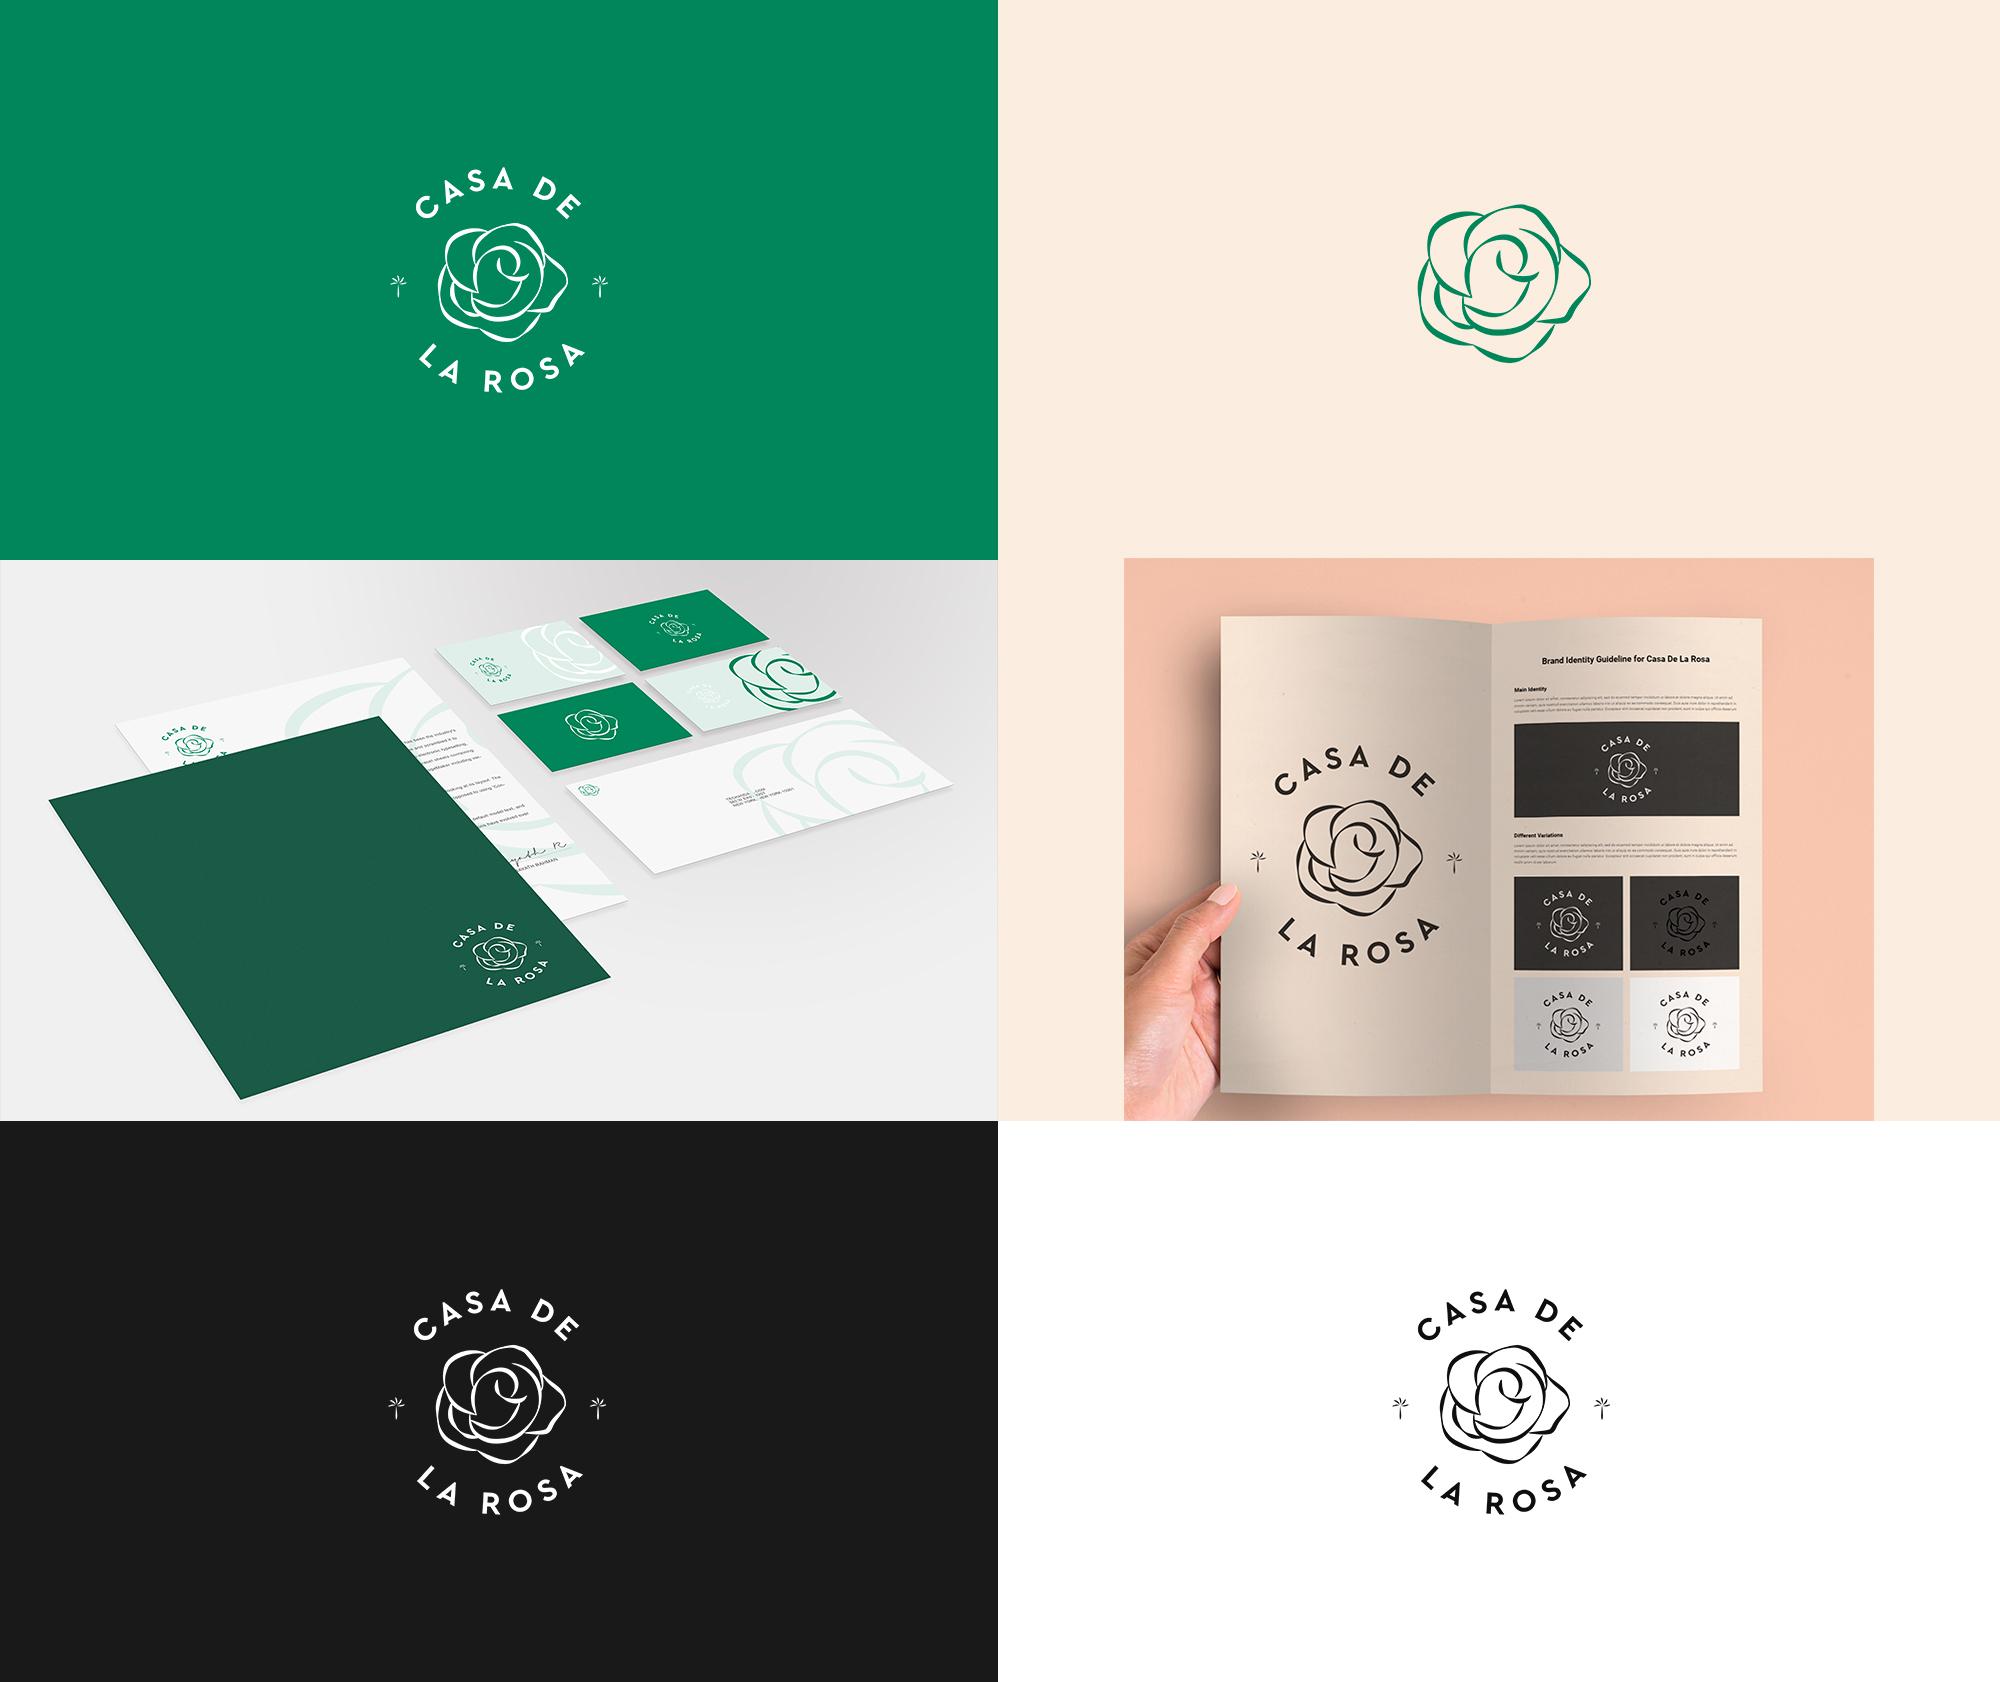 Логотип + Фирменный знак для элитного поселка Casa De La Rosa фото f_4265cd69ea868b72.jpg